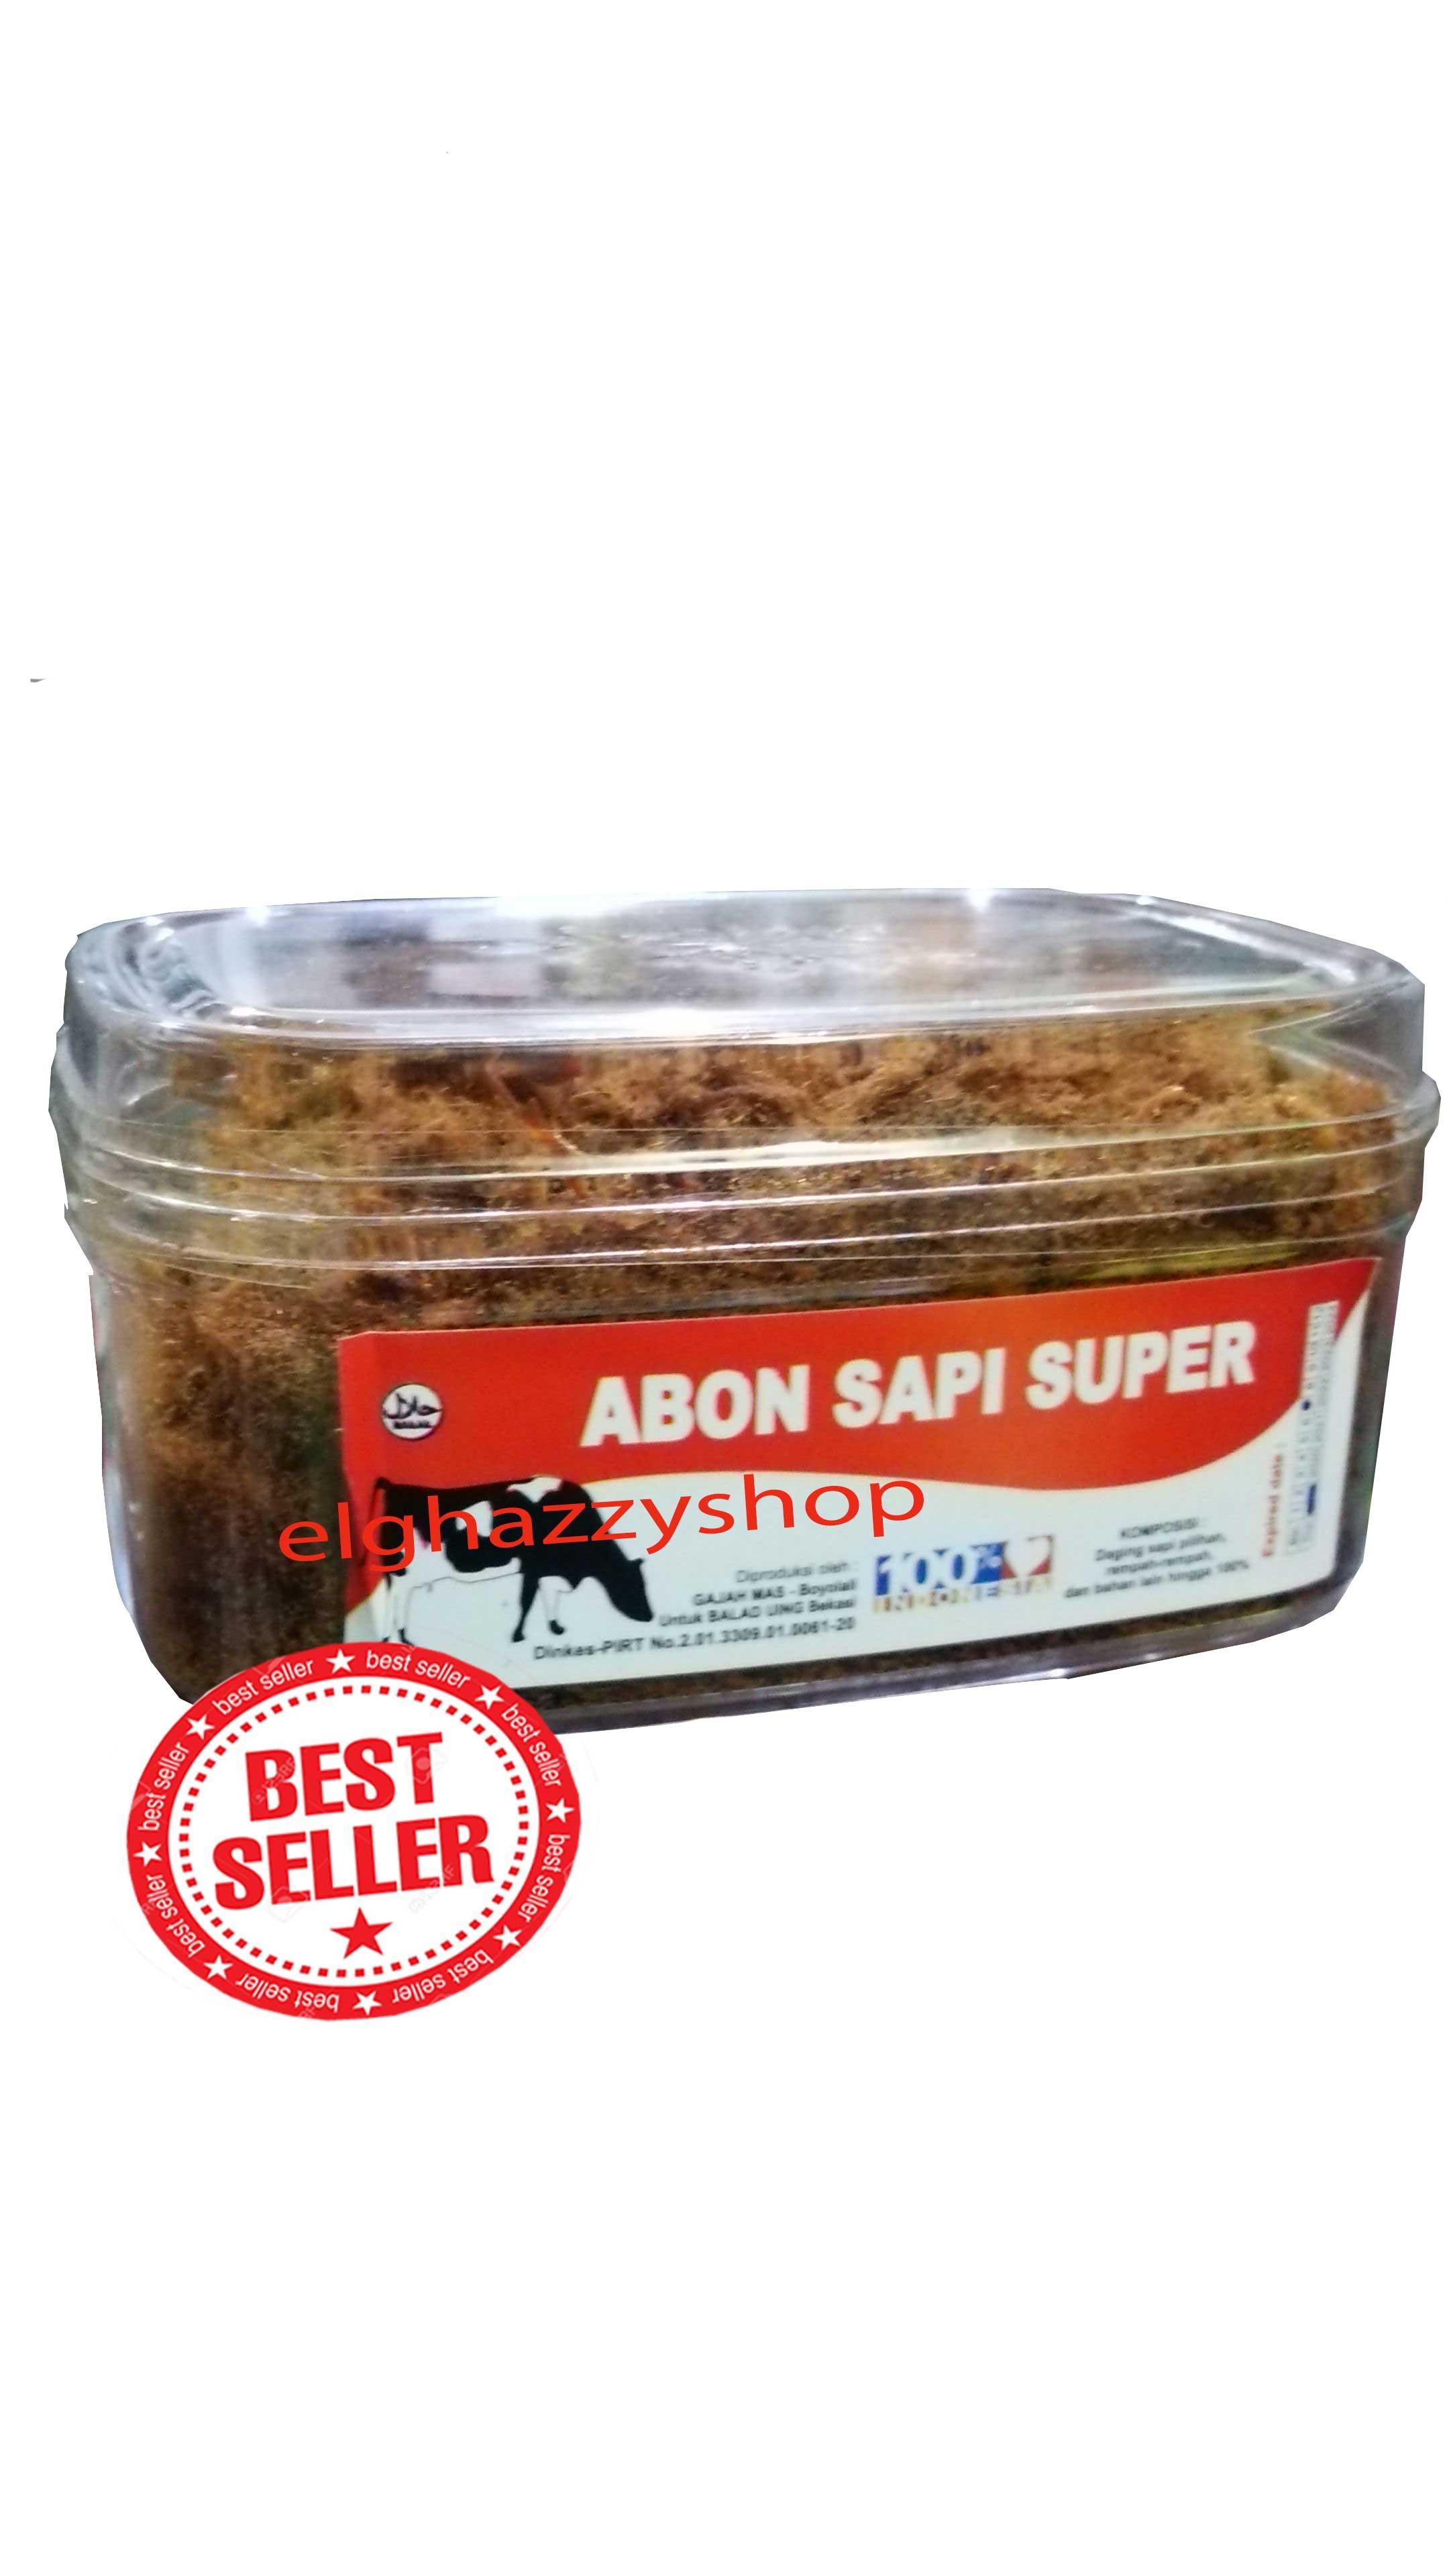 Features Emping Melinjo Premium Rasa Gurih Dan Harga Terbaru Njo Kecil Pedas Daun Jeruk 500 Gram Abon Sapi Super Original Sangat Lezat